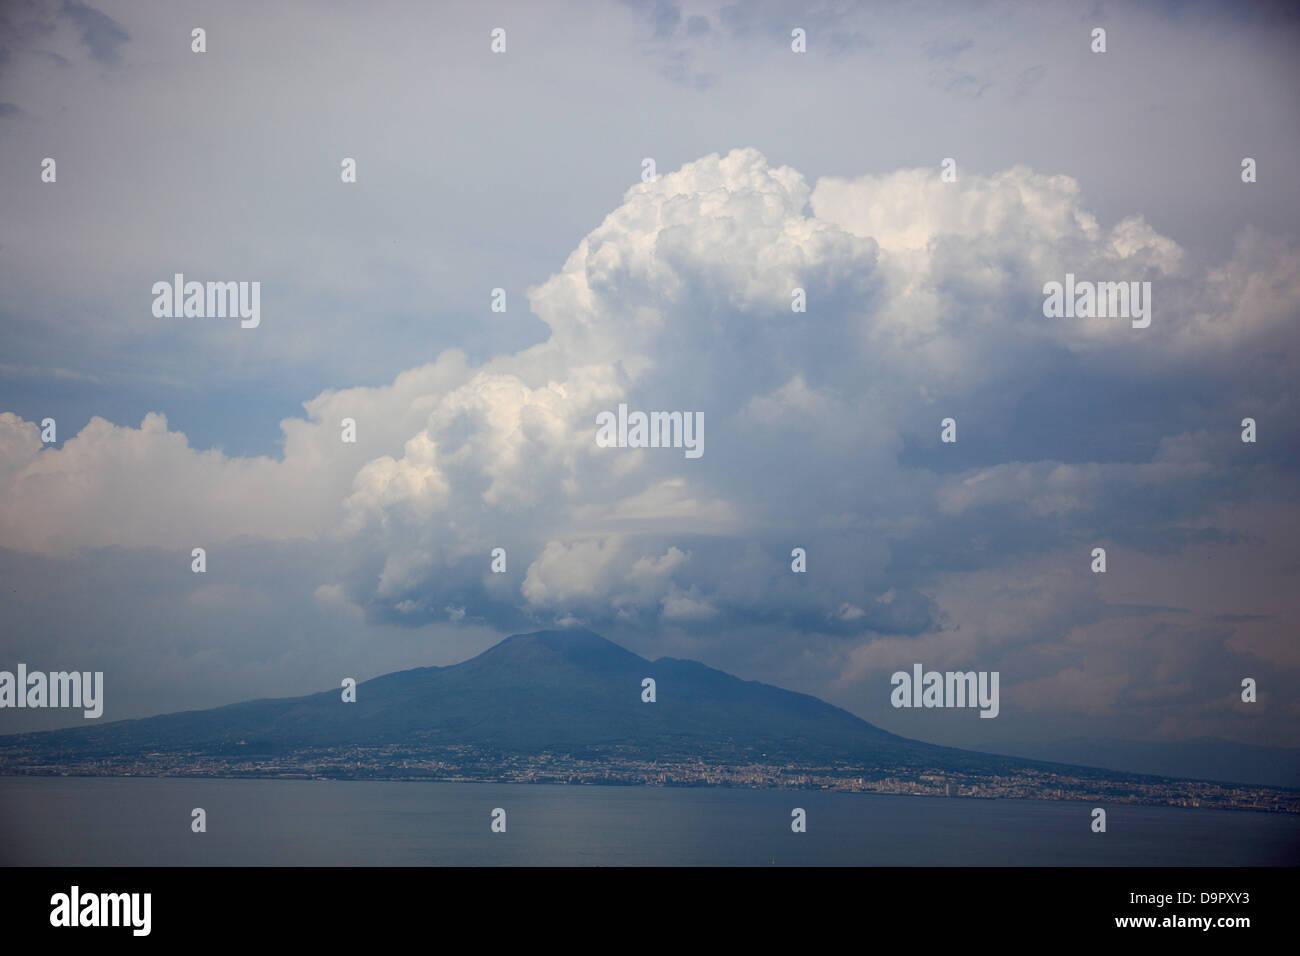 View to Vesuvius, Campania, Italy - Stock Image